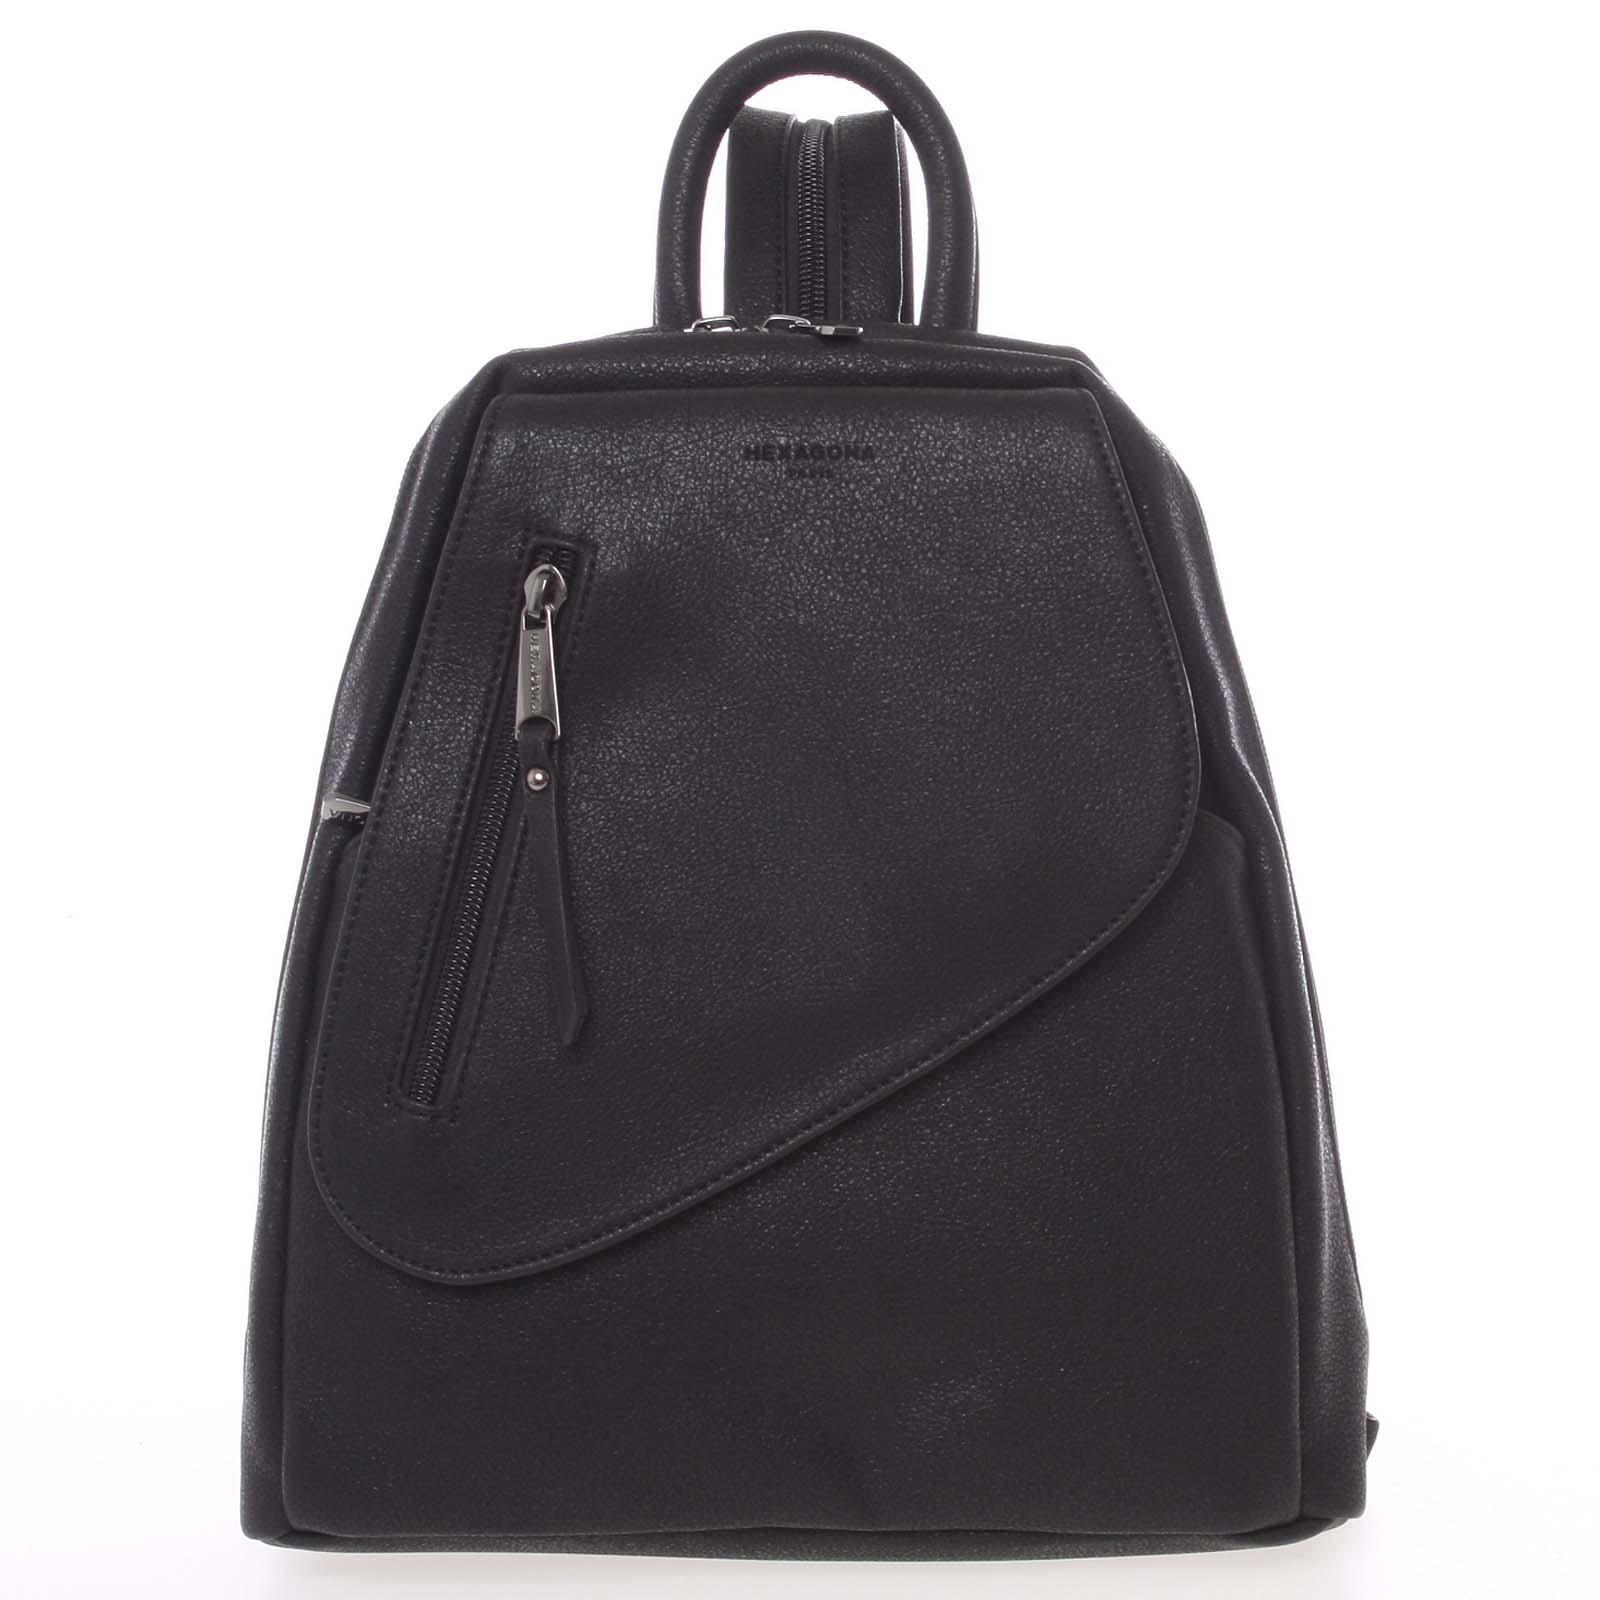 Módny dámsky čierny ruksak - Hexagona Pasha